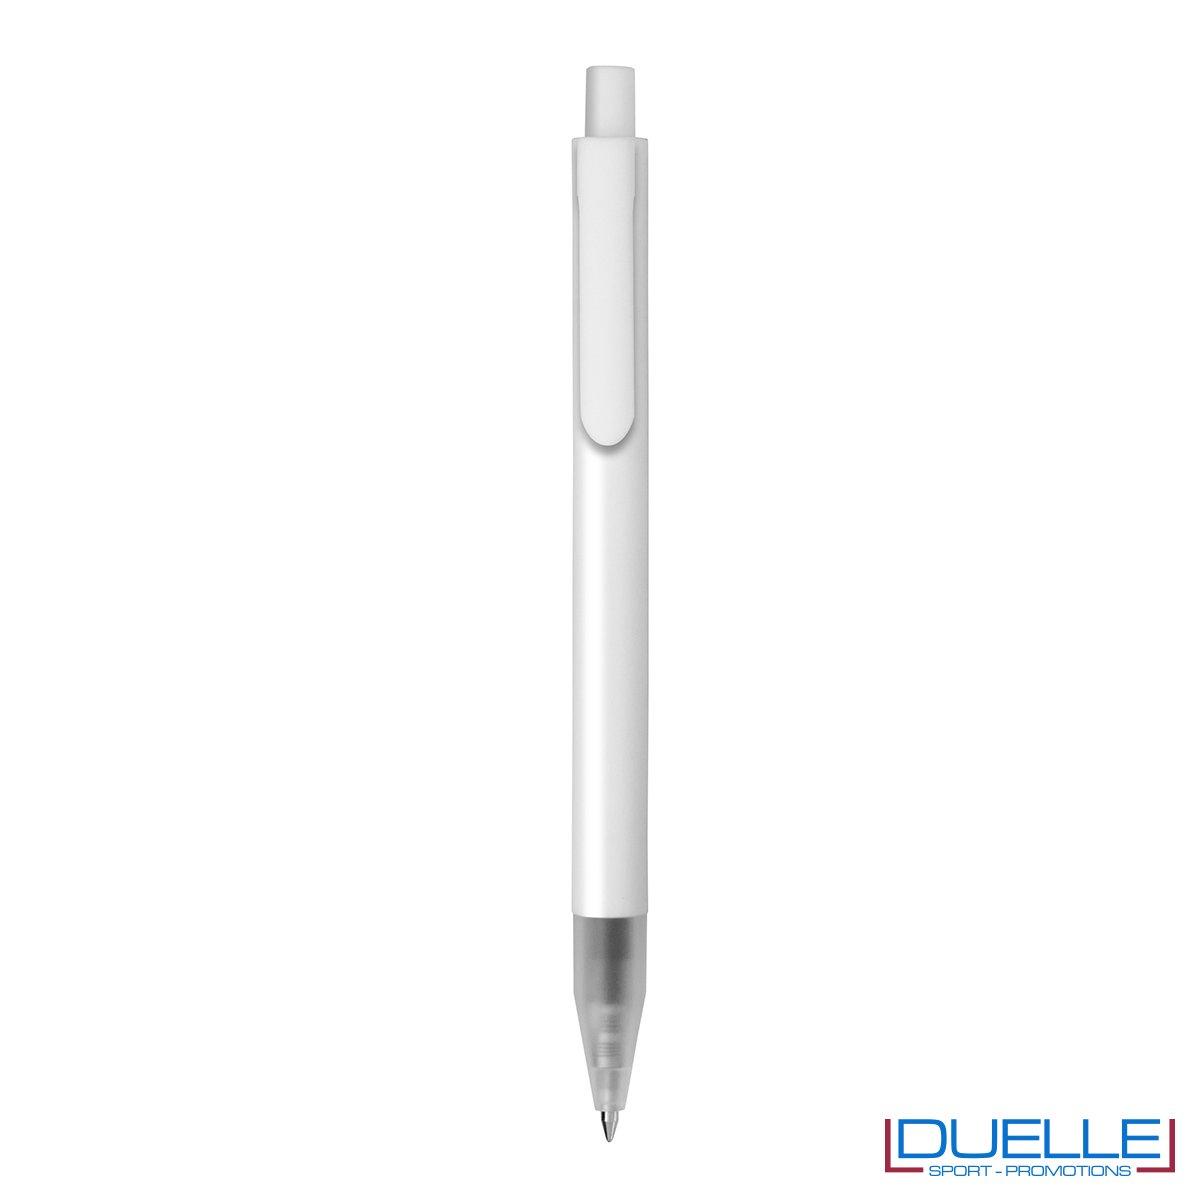 Penna personalizzata in plastica colore bianco